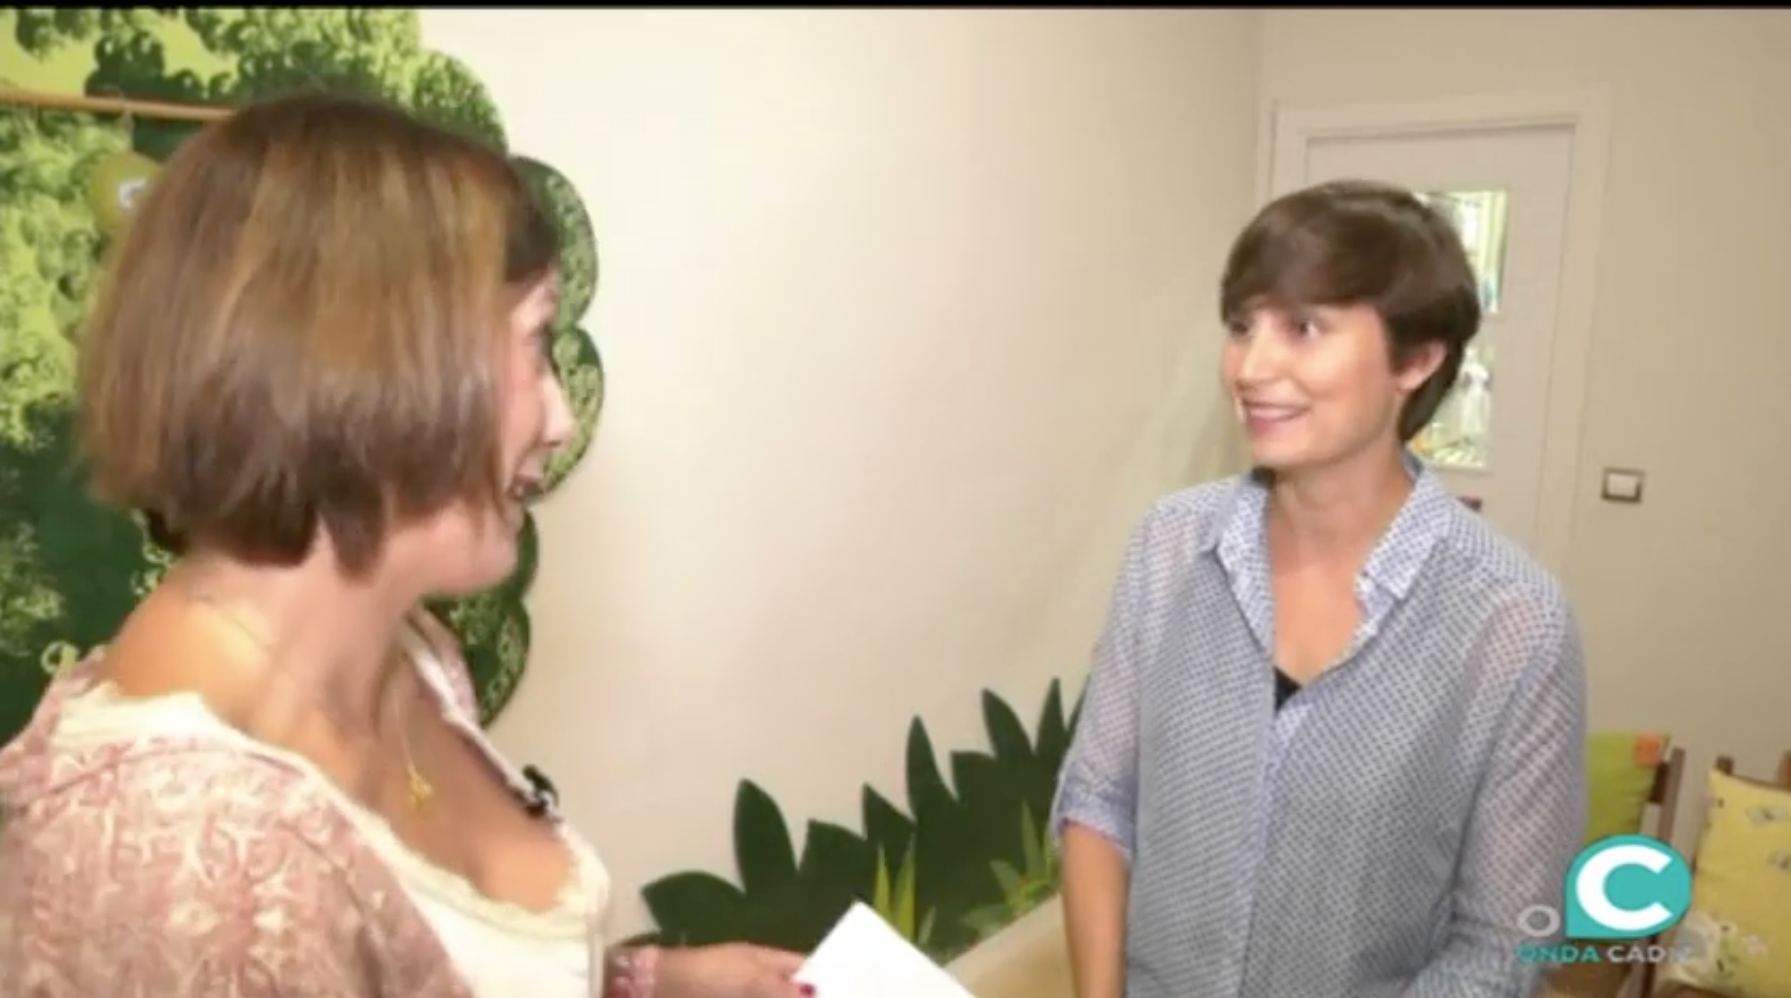 Entrevista Aplicando BLW en Onda Cádiz